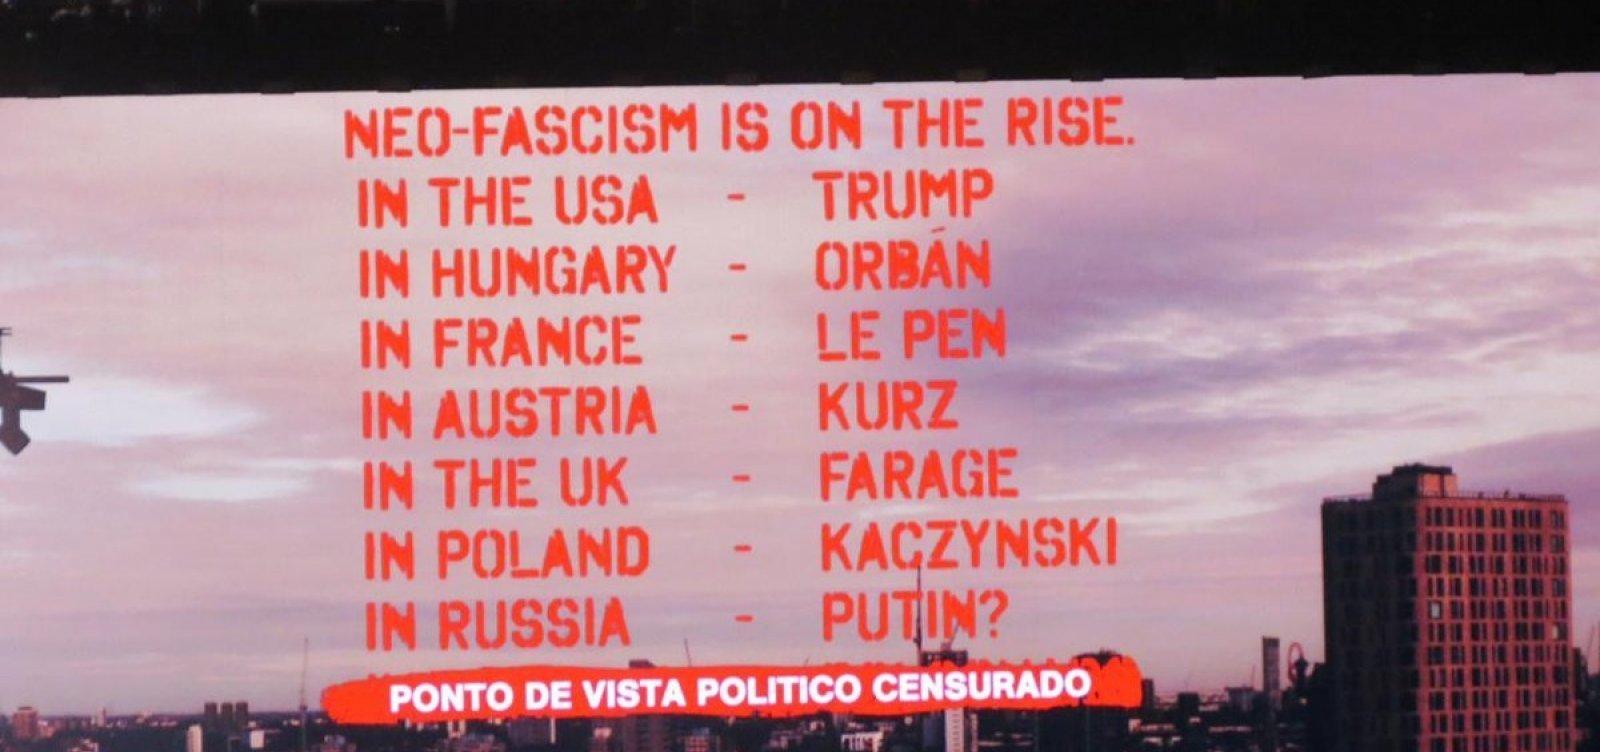 [ Roger Waters volta a protestar contra Bolsonaro]